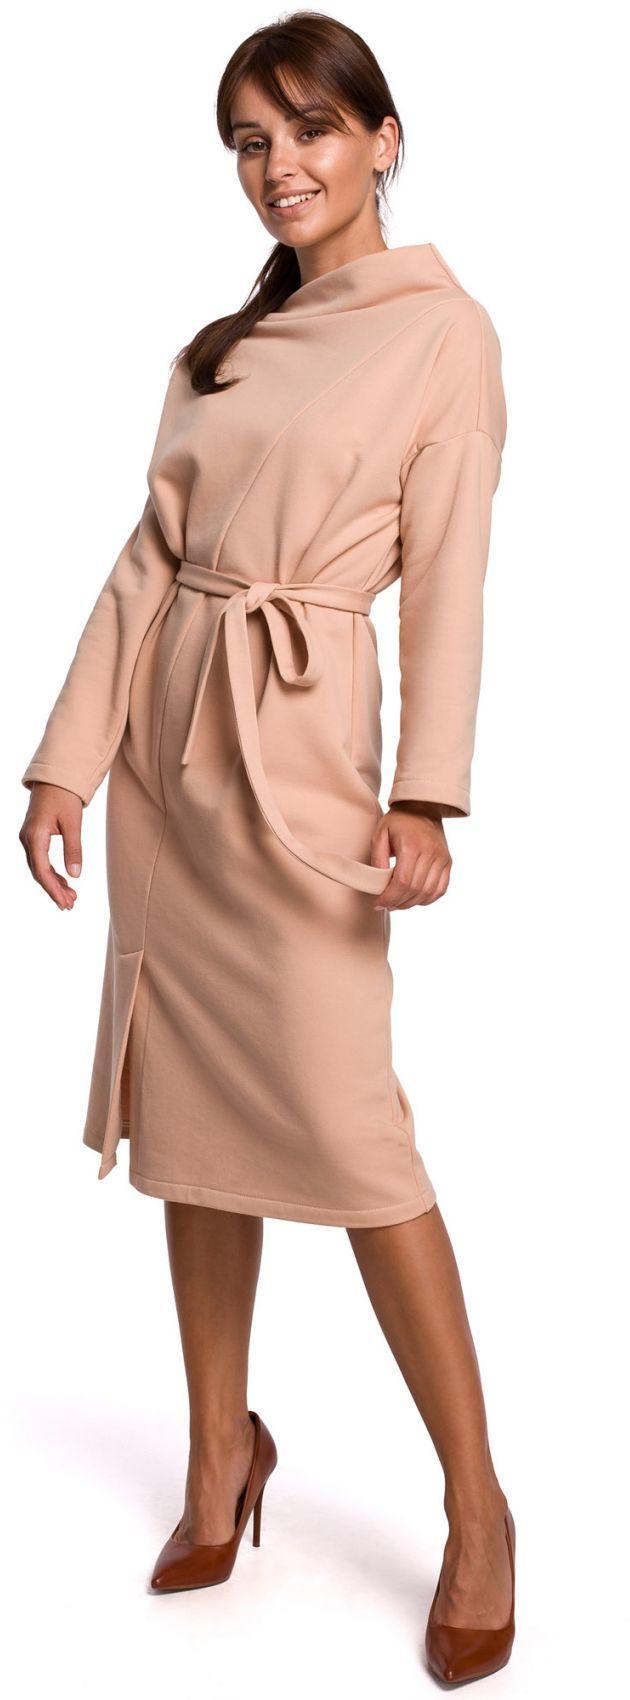 B178 Sukienka z dekoltem asymetrycznym i paskiem - beżowa